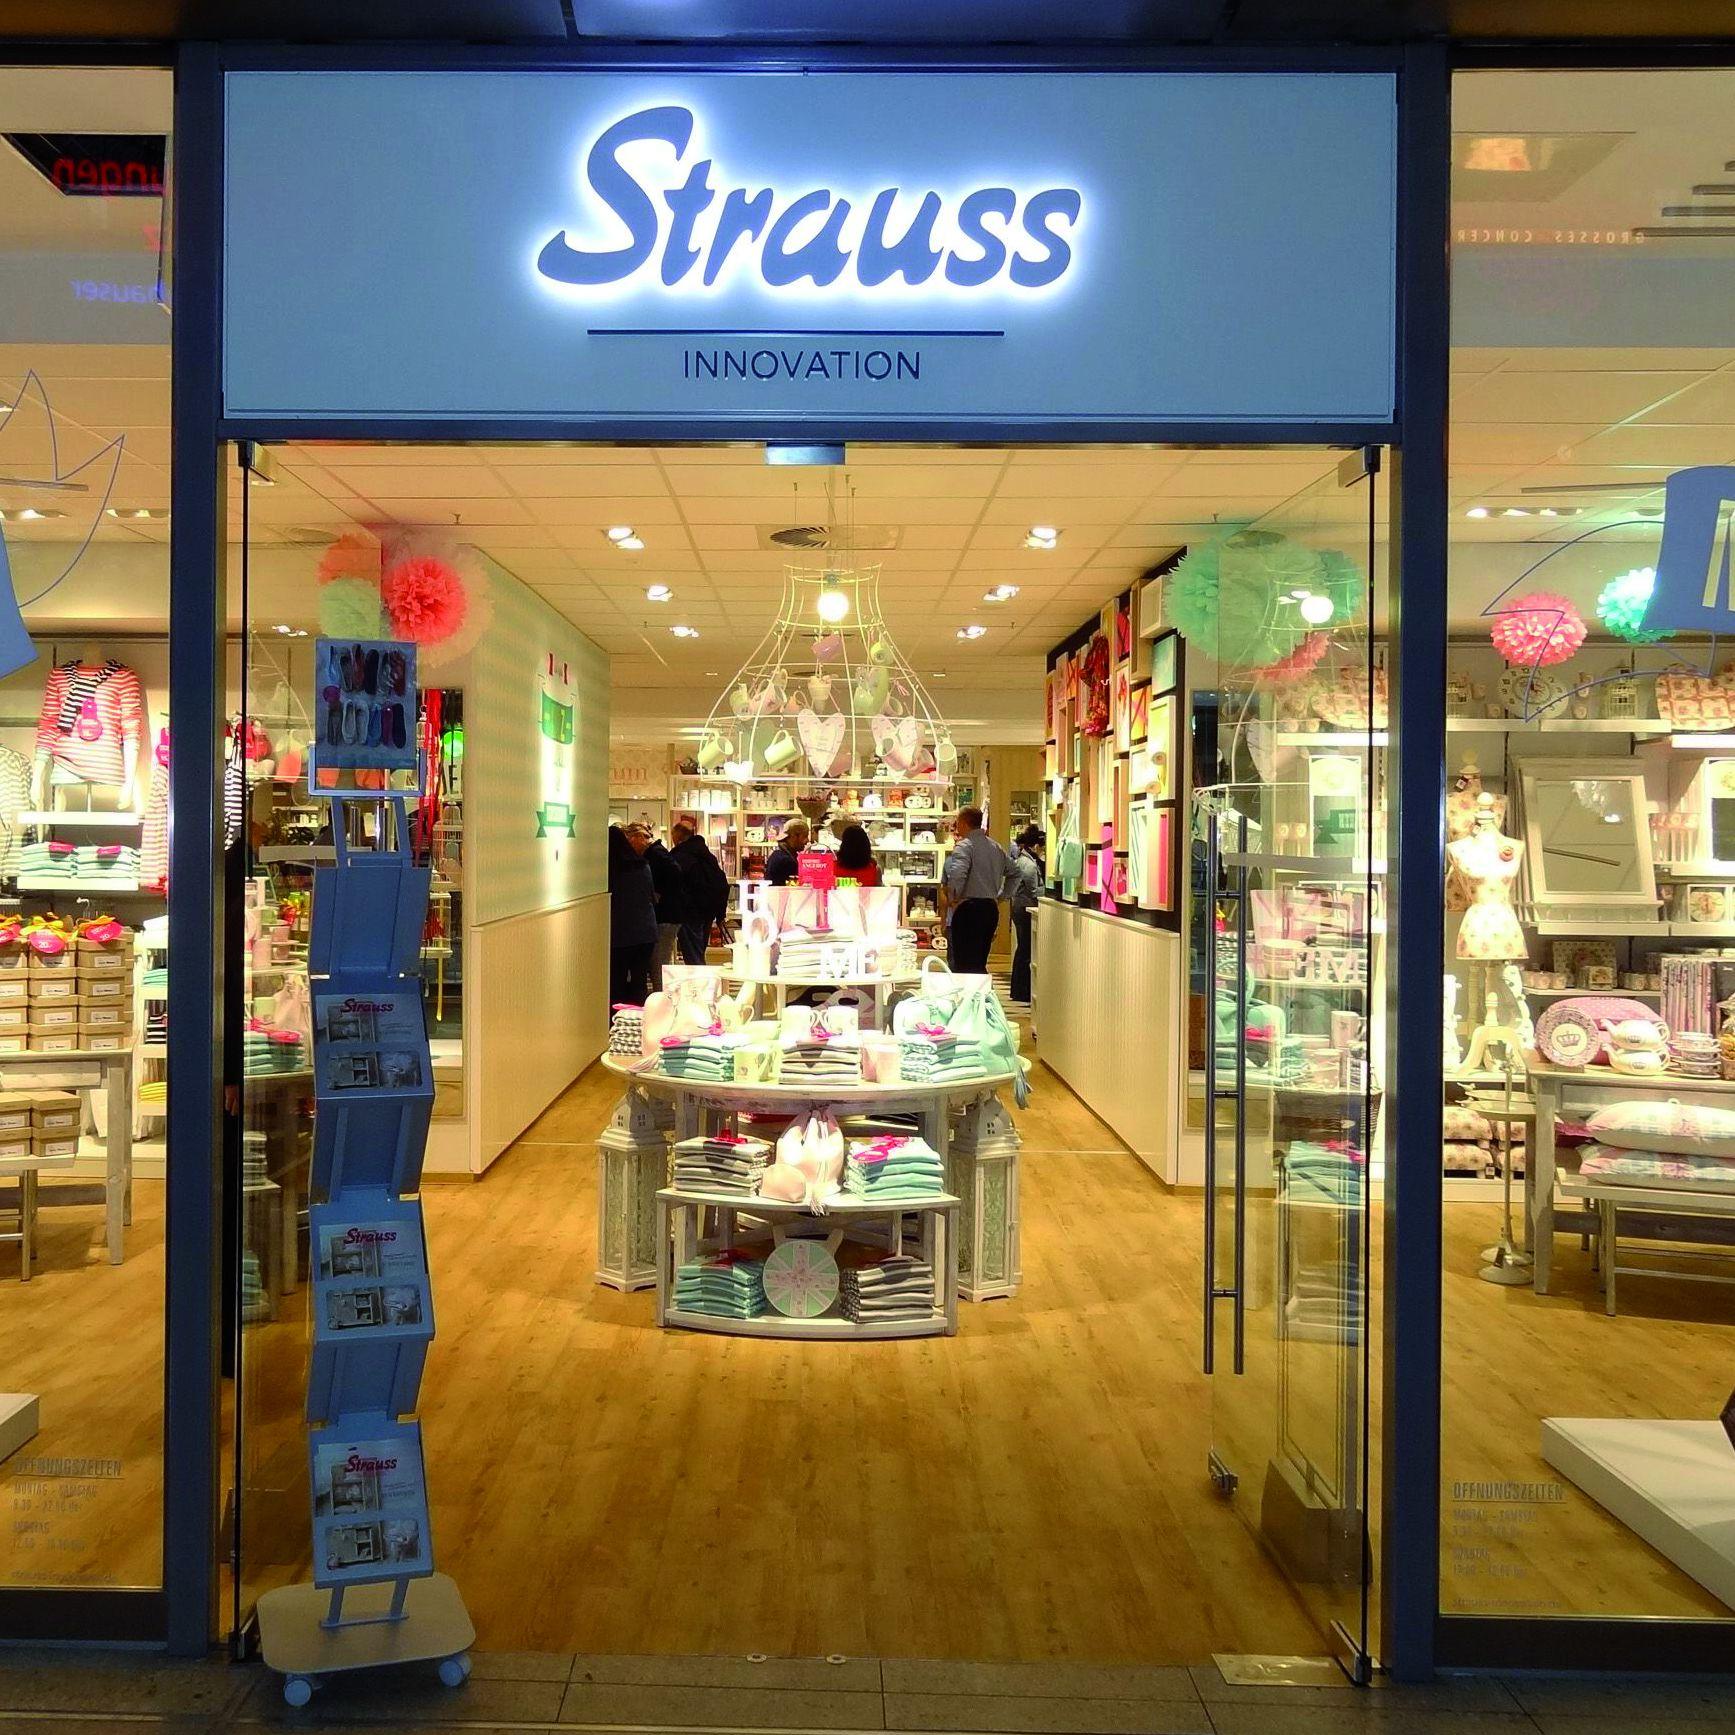 Unternehmen Strauss Innovation Ist Zahlungsunfähig